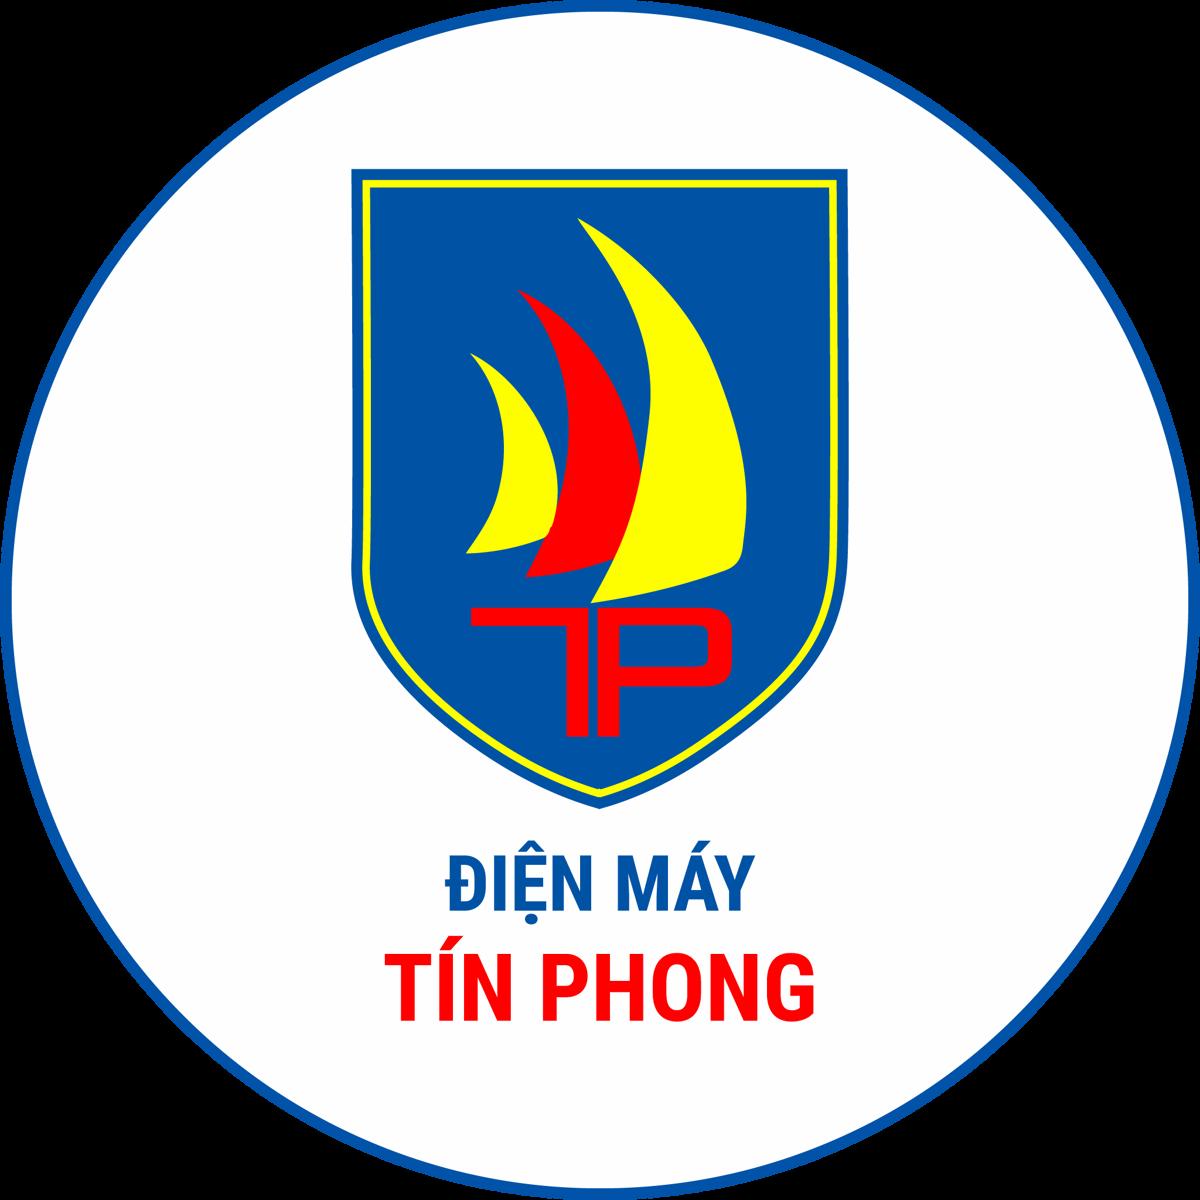 Điện máy Tín Phong